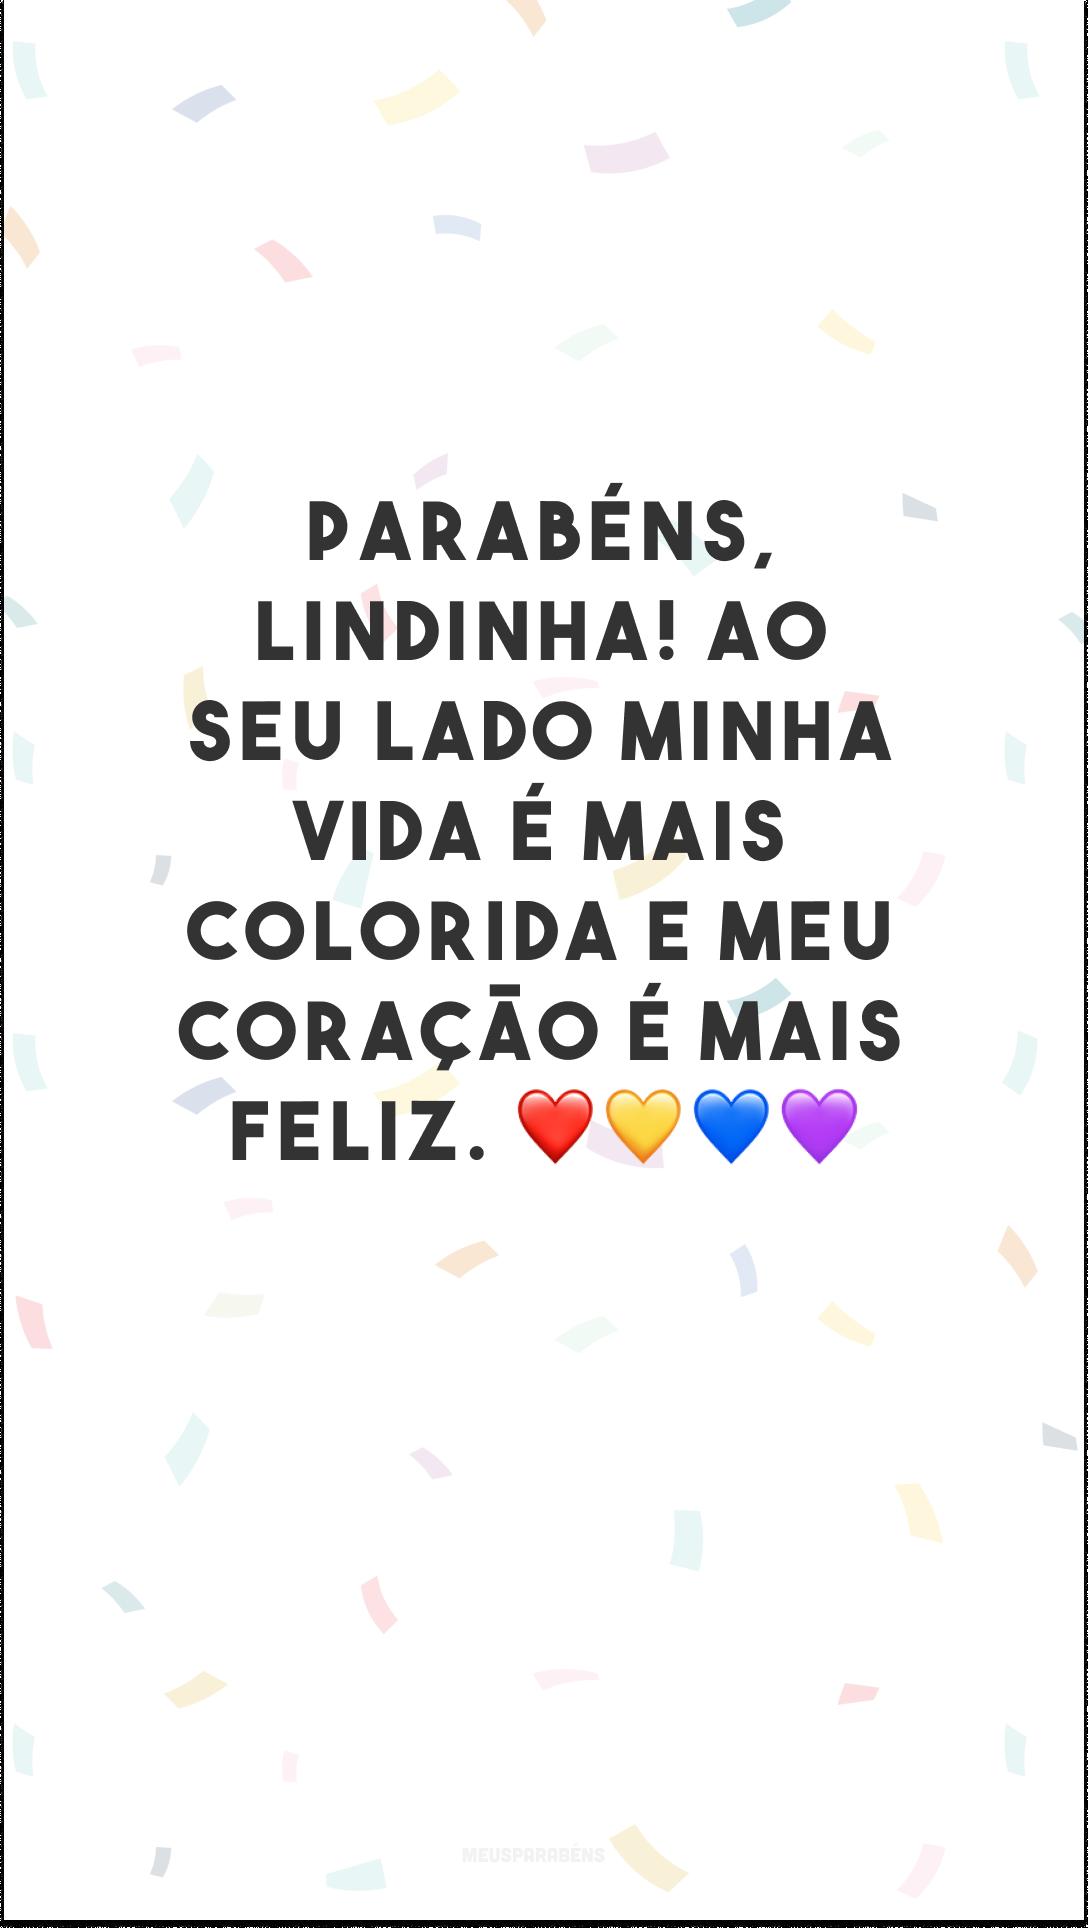 Parabéns, lindinha! Ao seu lado minha vida é mais colorida e meu coração é mais feliz. ❤💛💙💜